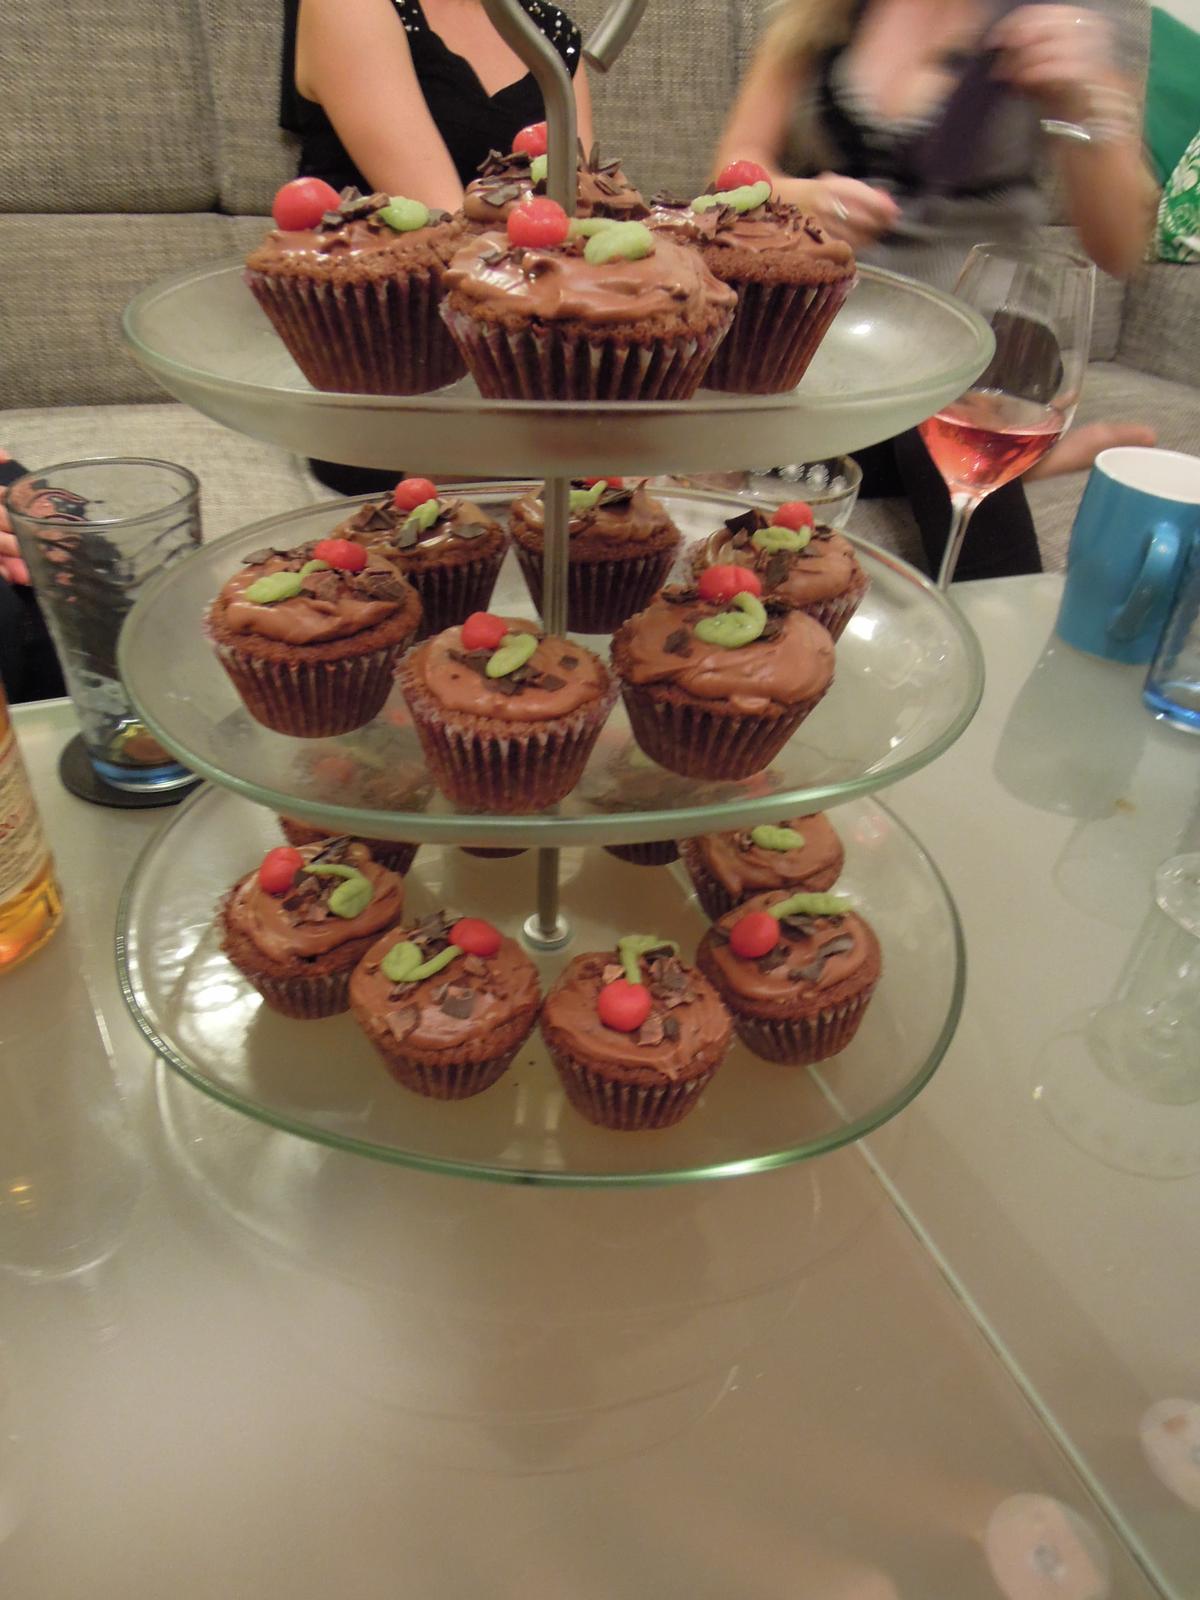 Cupcake´s and Co... moja nova zaluba... - Moje narodeninove cupcaky namiesto torty ;-). Podla mojho draheho najlepsie cupcaky ake som kedy urobila :-D